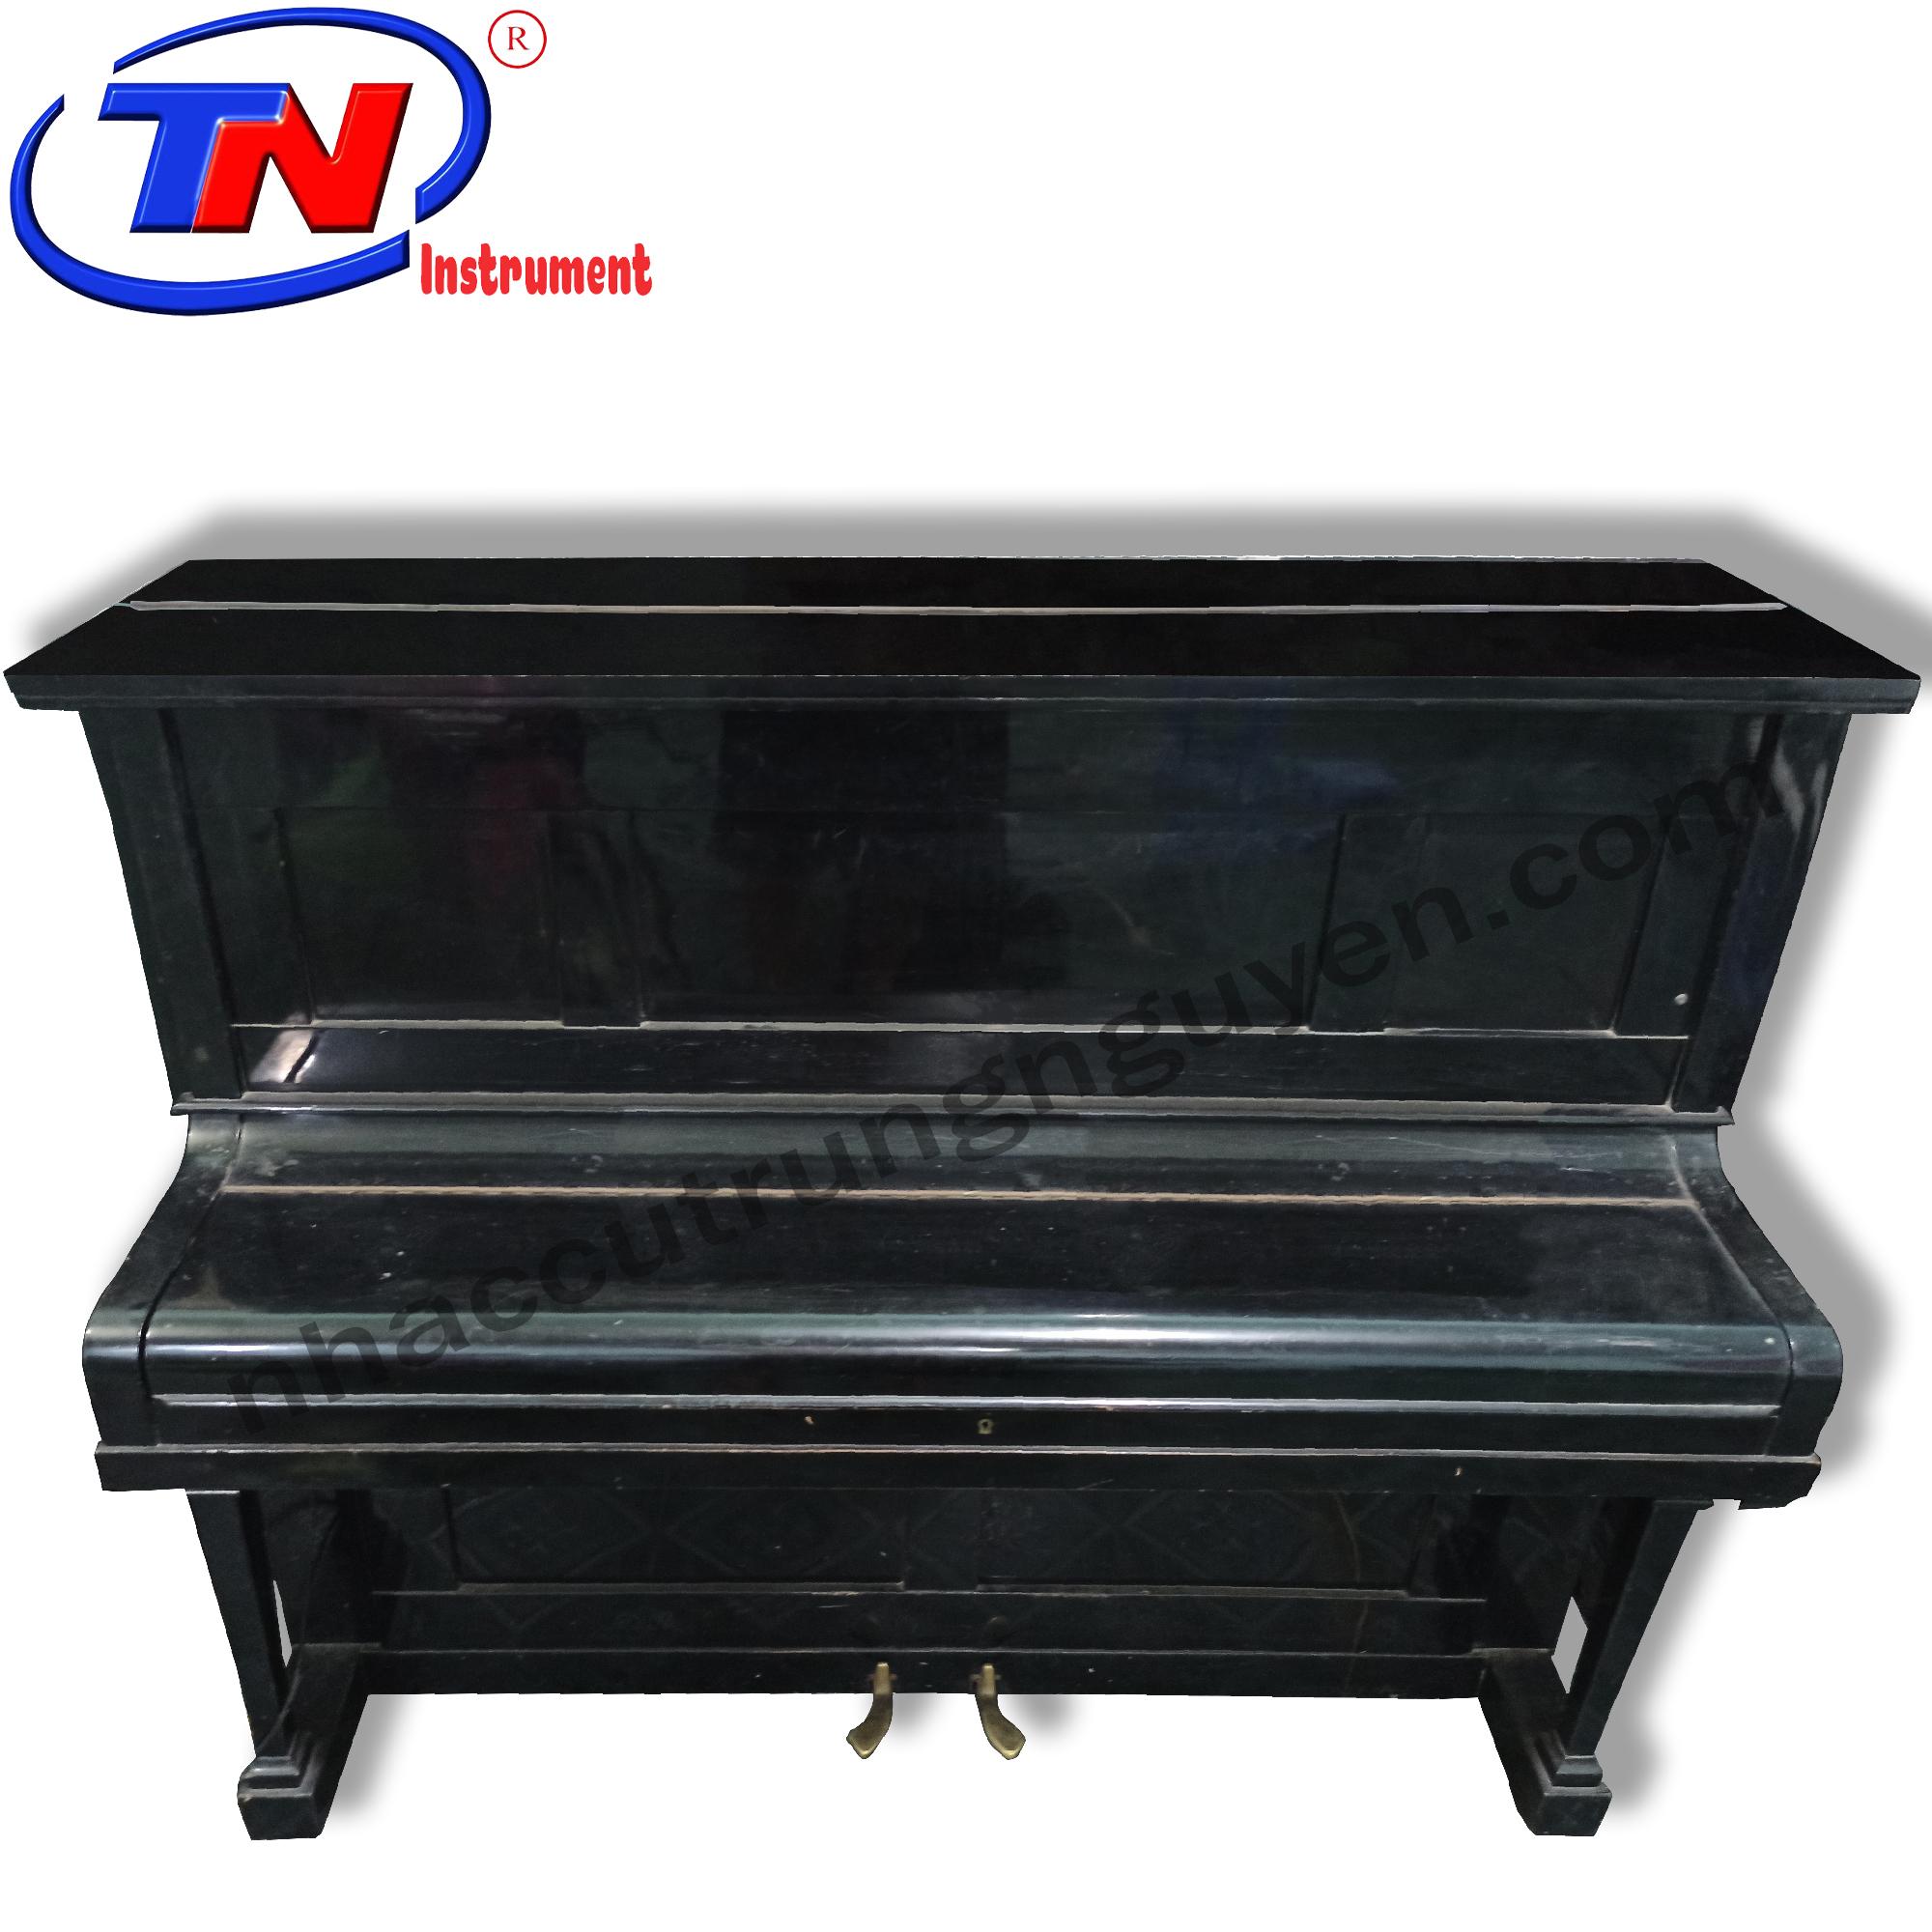 Đàn Piano cơ Yamaha giá tốt, chất lượng, Like New